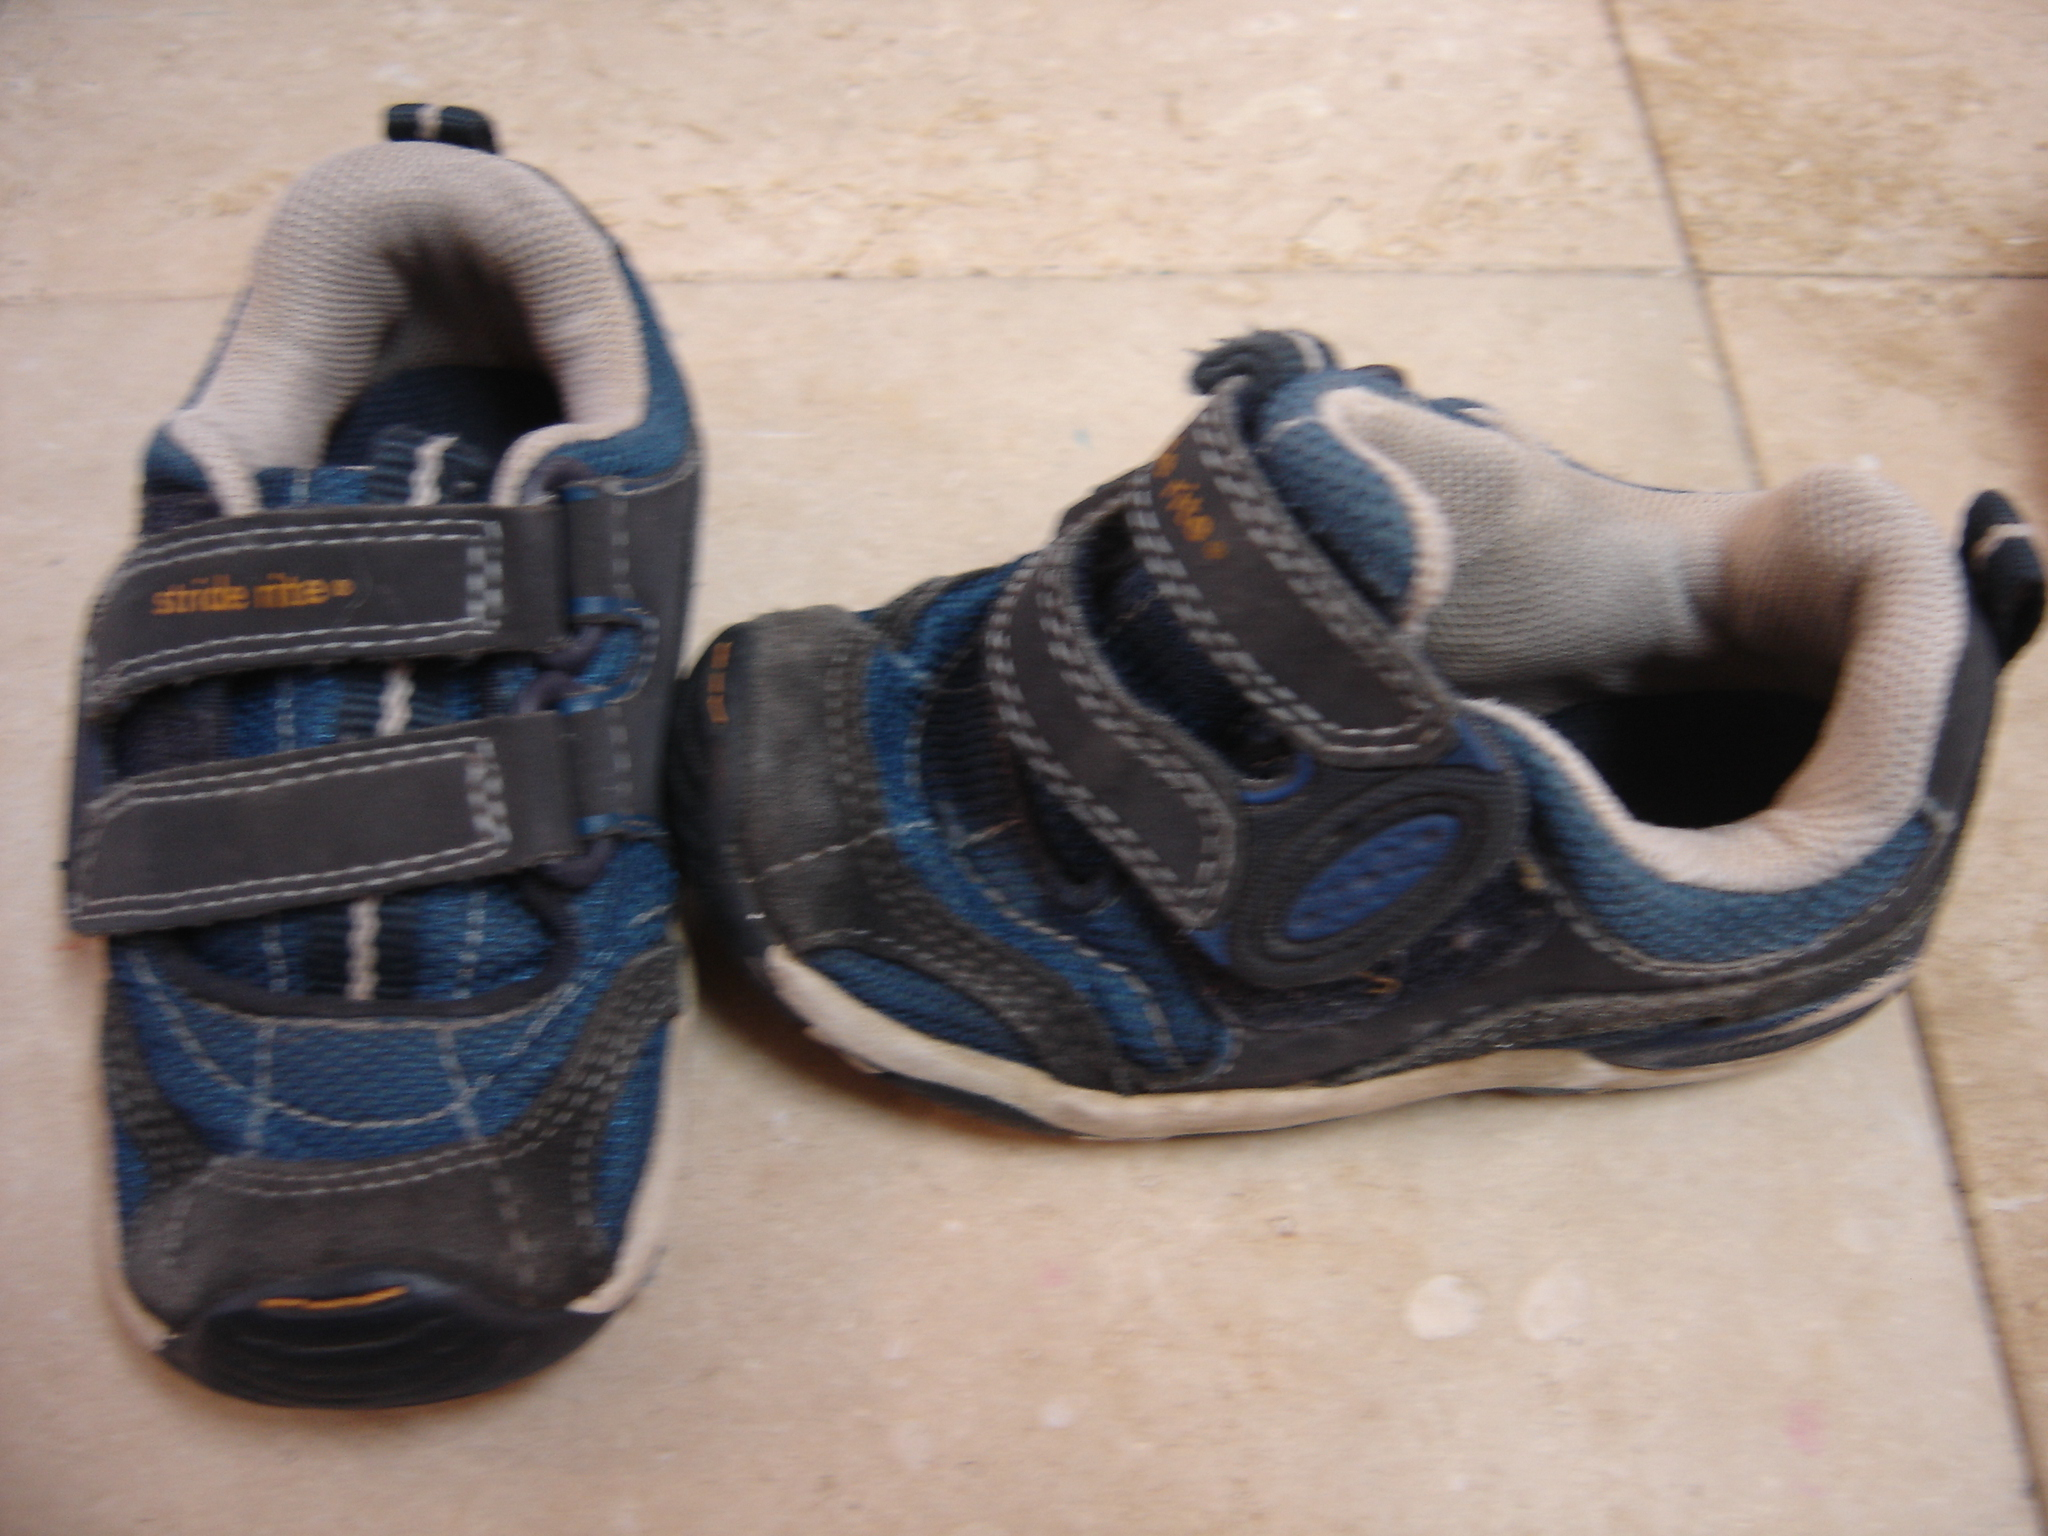 Stride Rite Size Kids 6 7 Blue Aplix Close Shoes